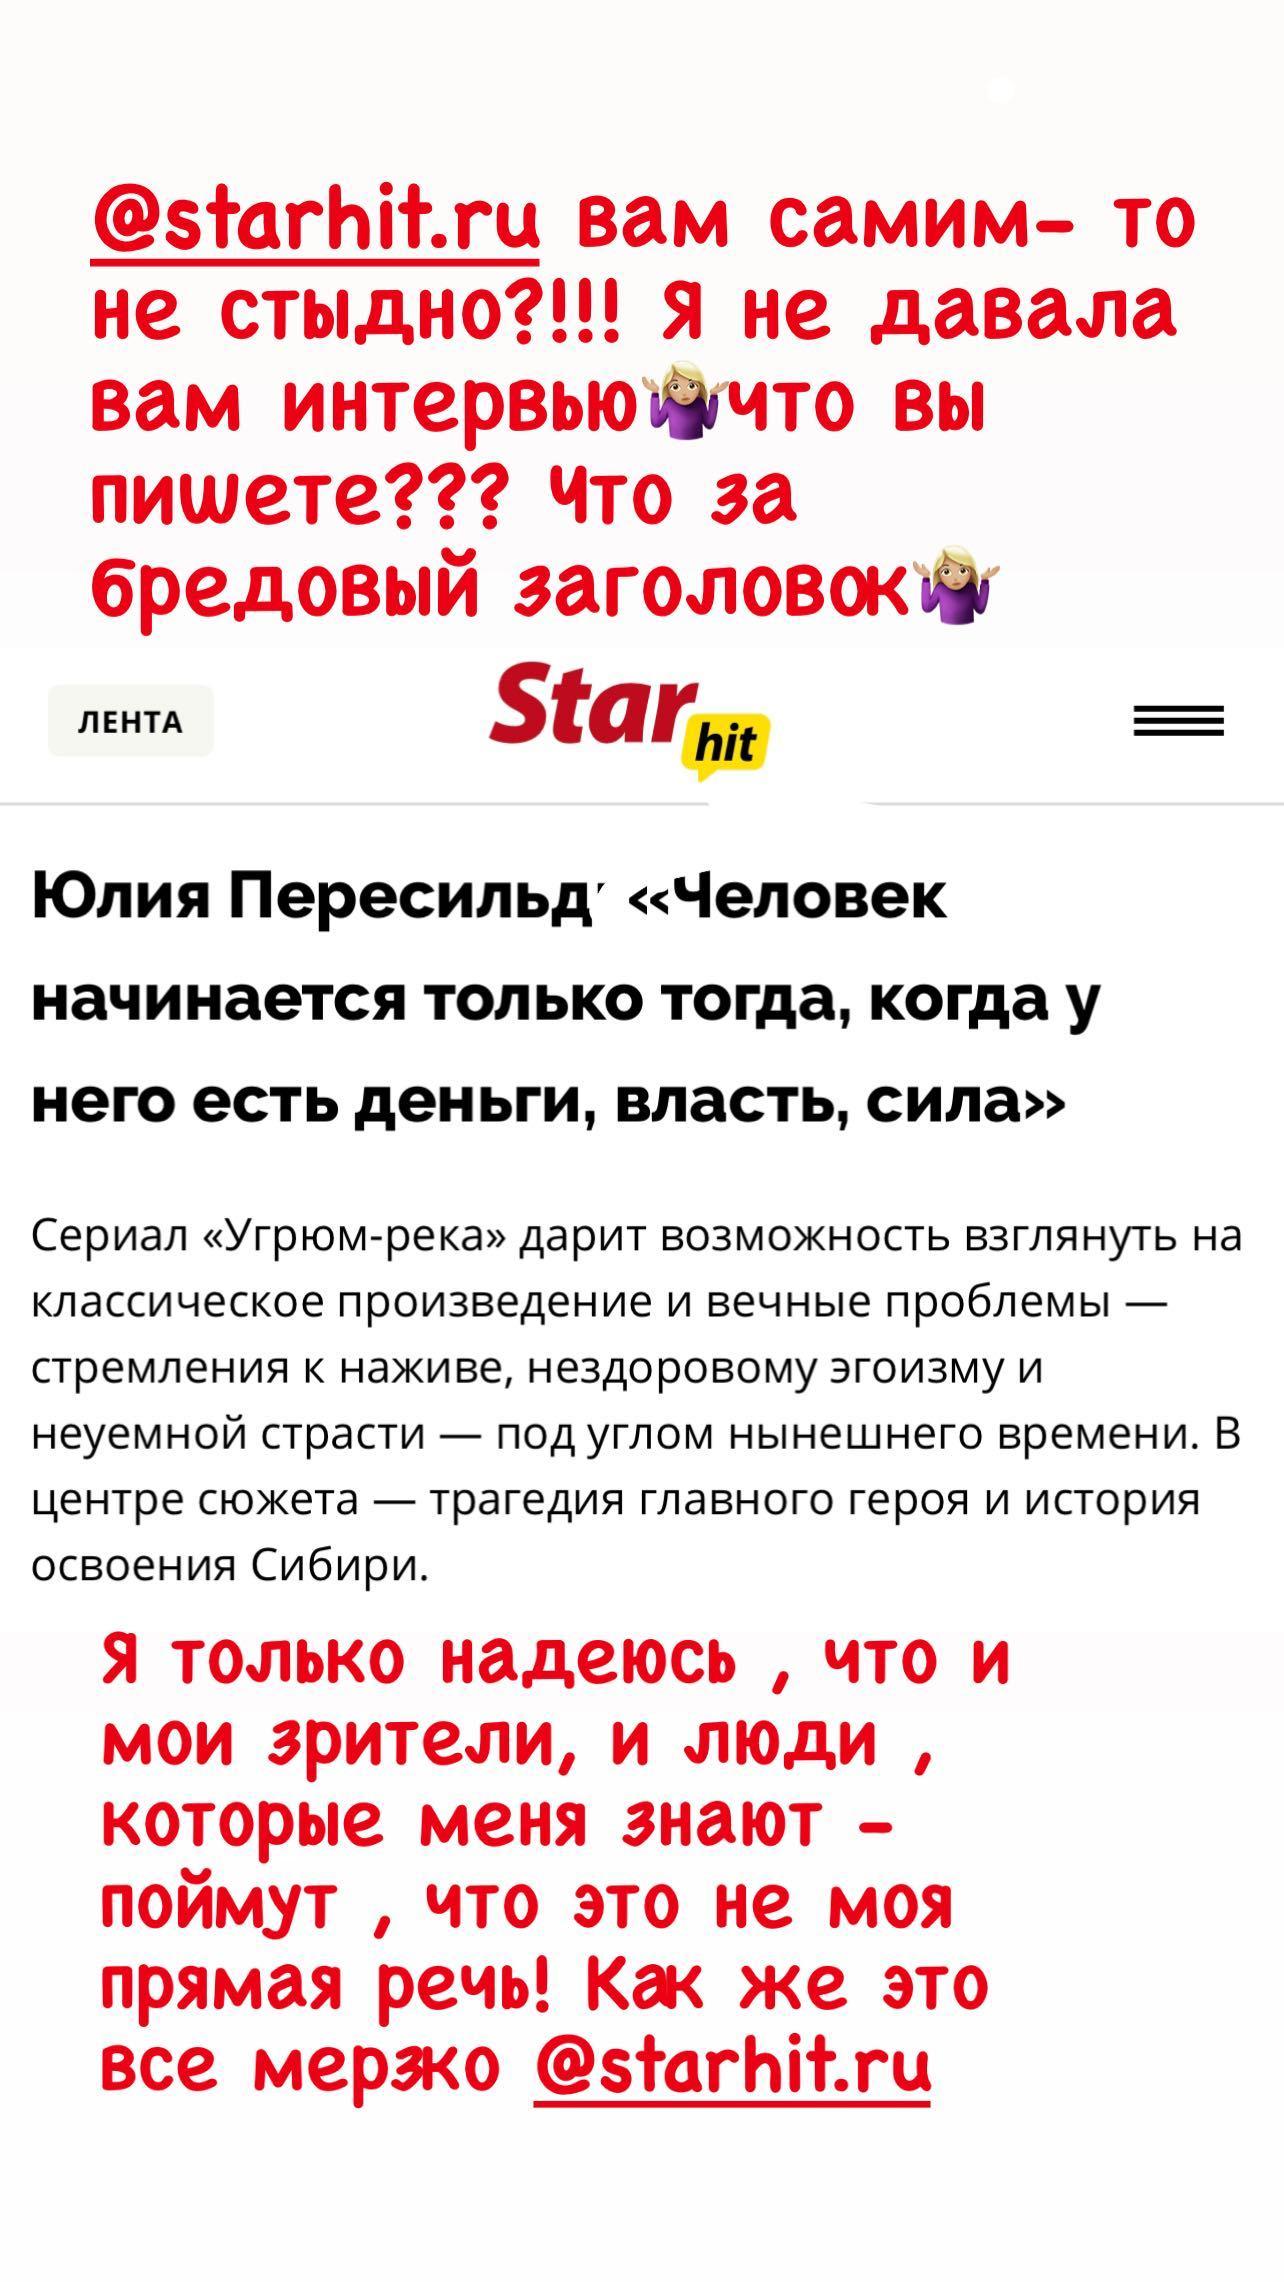 Юлия Пересильд пожаловалась на СМИ за фальшивое интервью